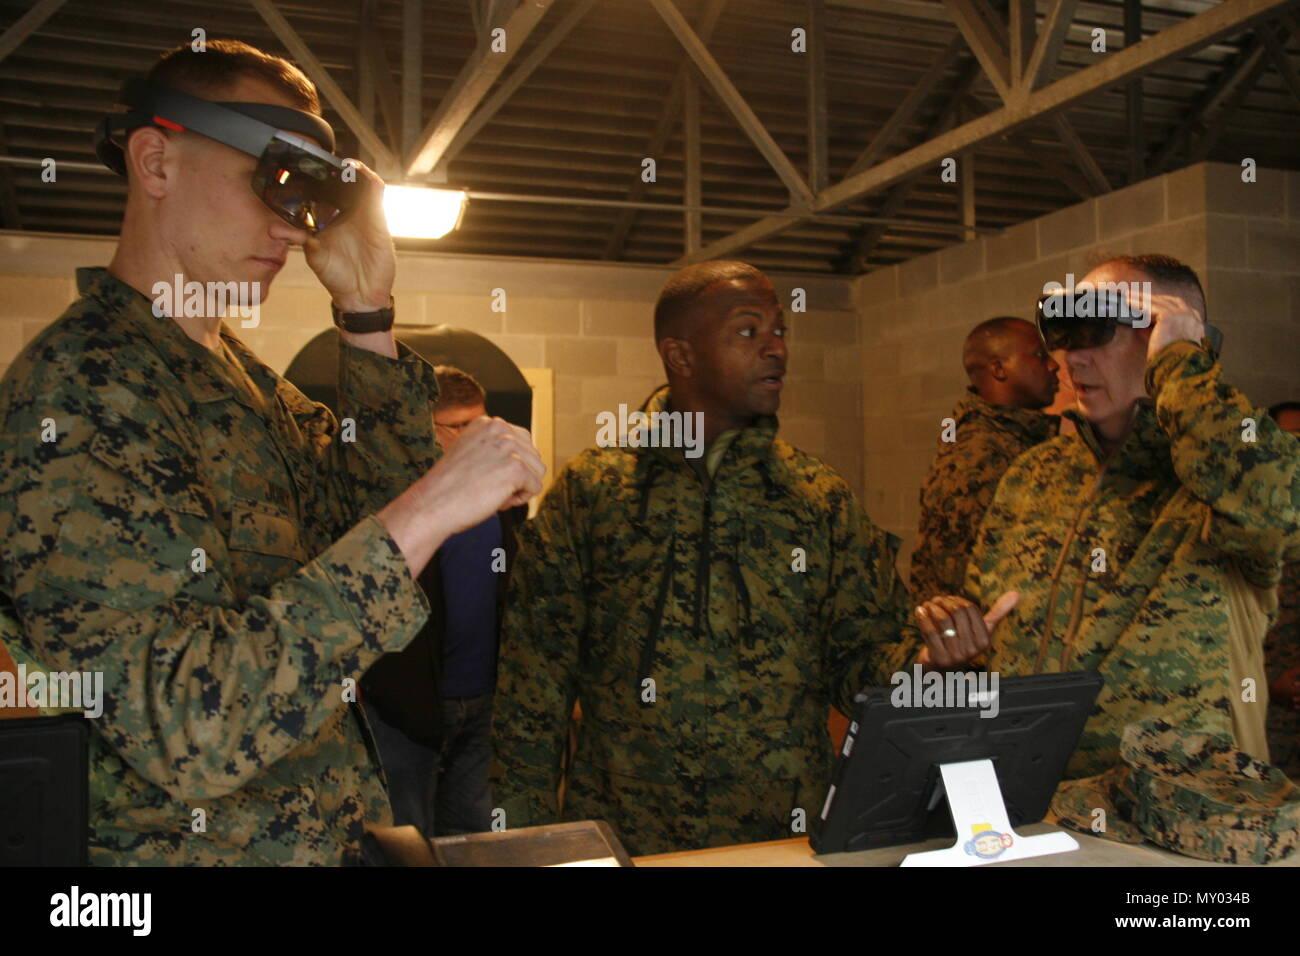 Us-Marines mit 2Nd Battalion, 6 Marine Regiment, 2nd Marine Division (2d MARDIV), verwenden Sie eine Schulung simulation Gerät während einer kurzen Camp Lejeune, N.C., Dez. 13, 2016. Die dienststellenübergreifende Industrie Schulung Simulation und Ausbildung Konferenz war kurz gehalten zu informieren Generalleutnant John E. Wissler, Kommandierender General, US Marine Corps Forces Command, und Sgt. Maj. Christopher G. Robinson, befehlen Sergeant Major, US Marine Corps Forces Command, über die verschiedenen Möglichkeiten der virtuellen Ausbildung. (U.S. Marine Corps Foto von Pfc. Michaela Gregory, 2d MARDIV Bekämpfung der Kamera) Stockbild